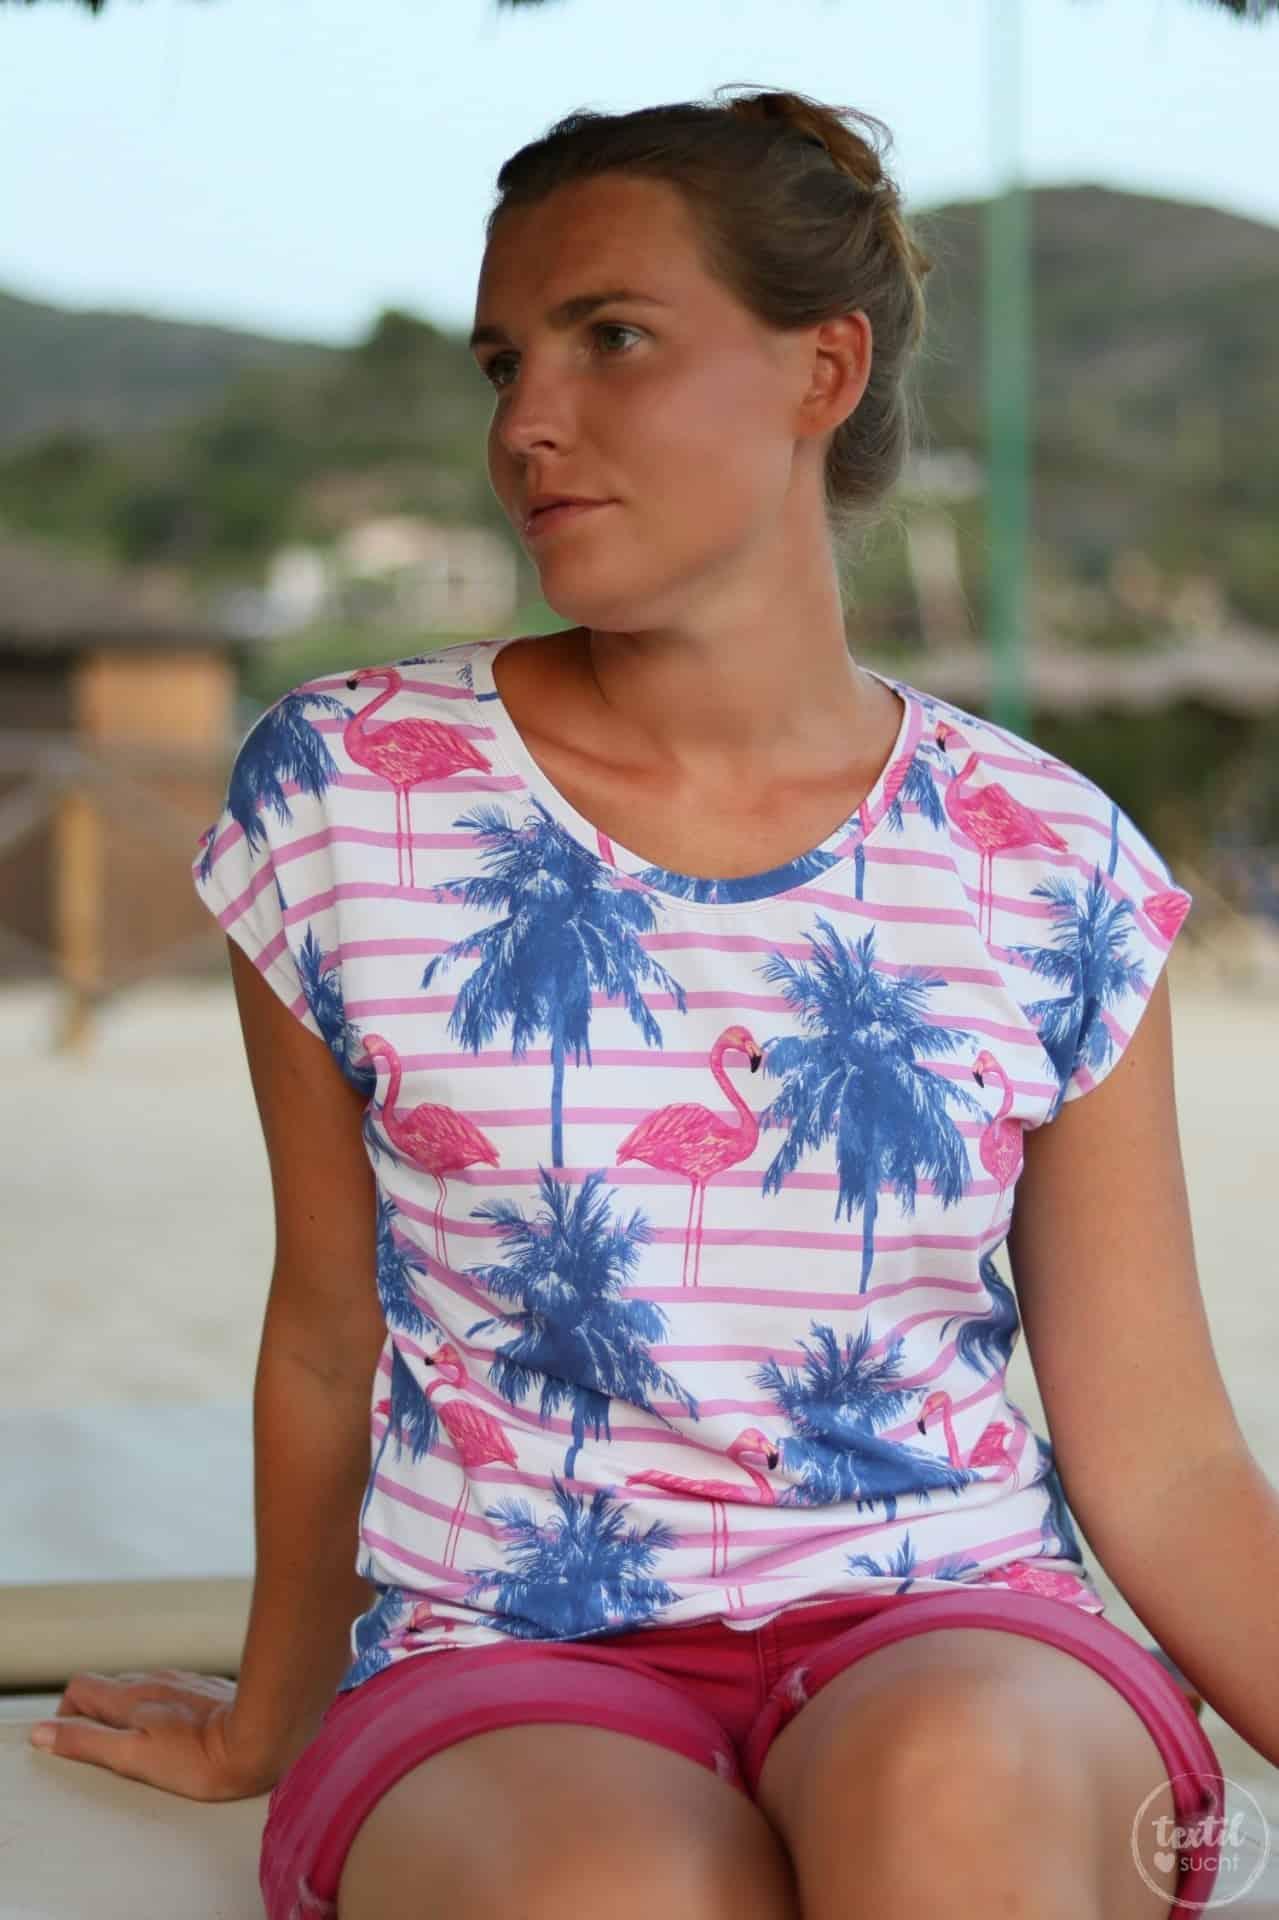 Nähen für den Sommer: Flamingo Shirt Amylee - Bild 1 | textilsucht.de